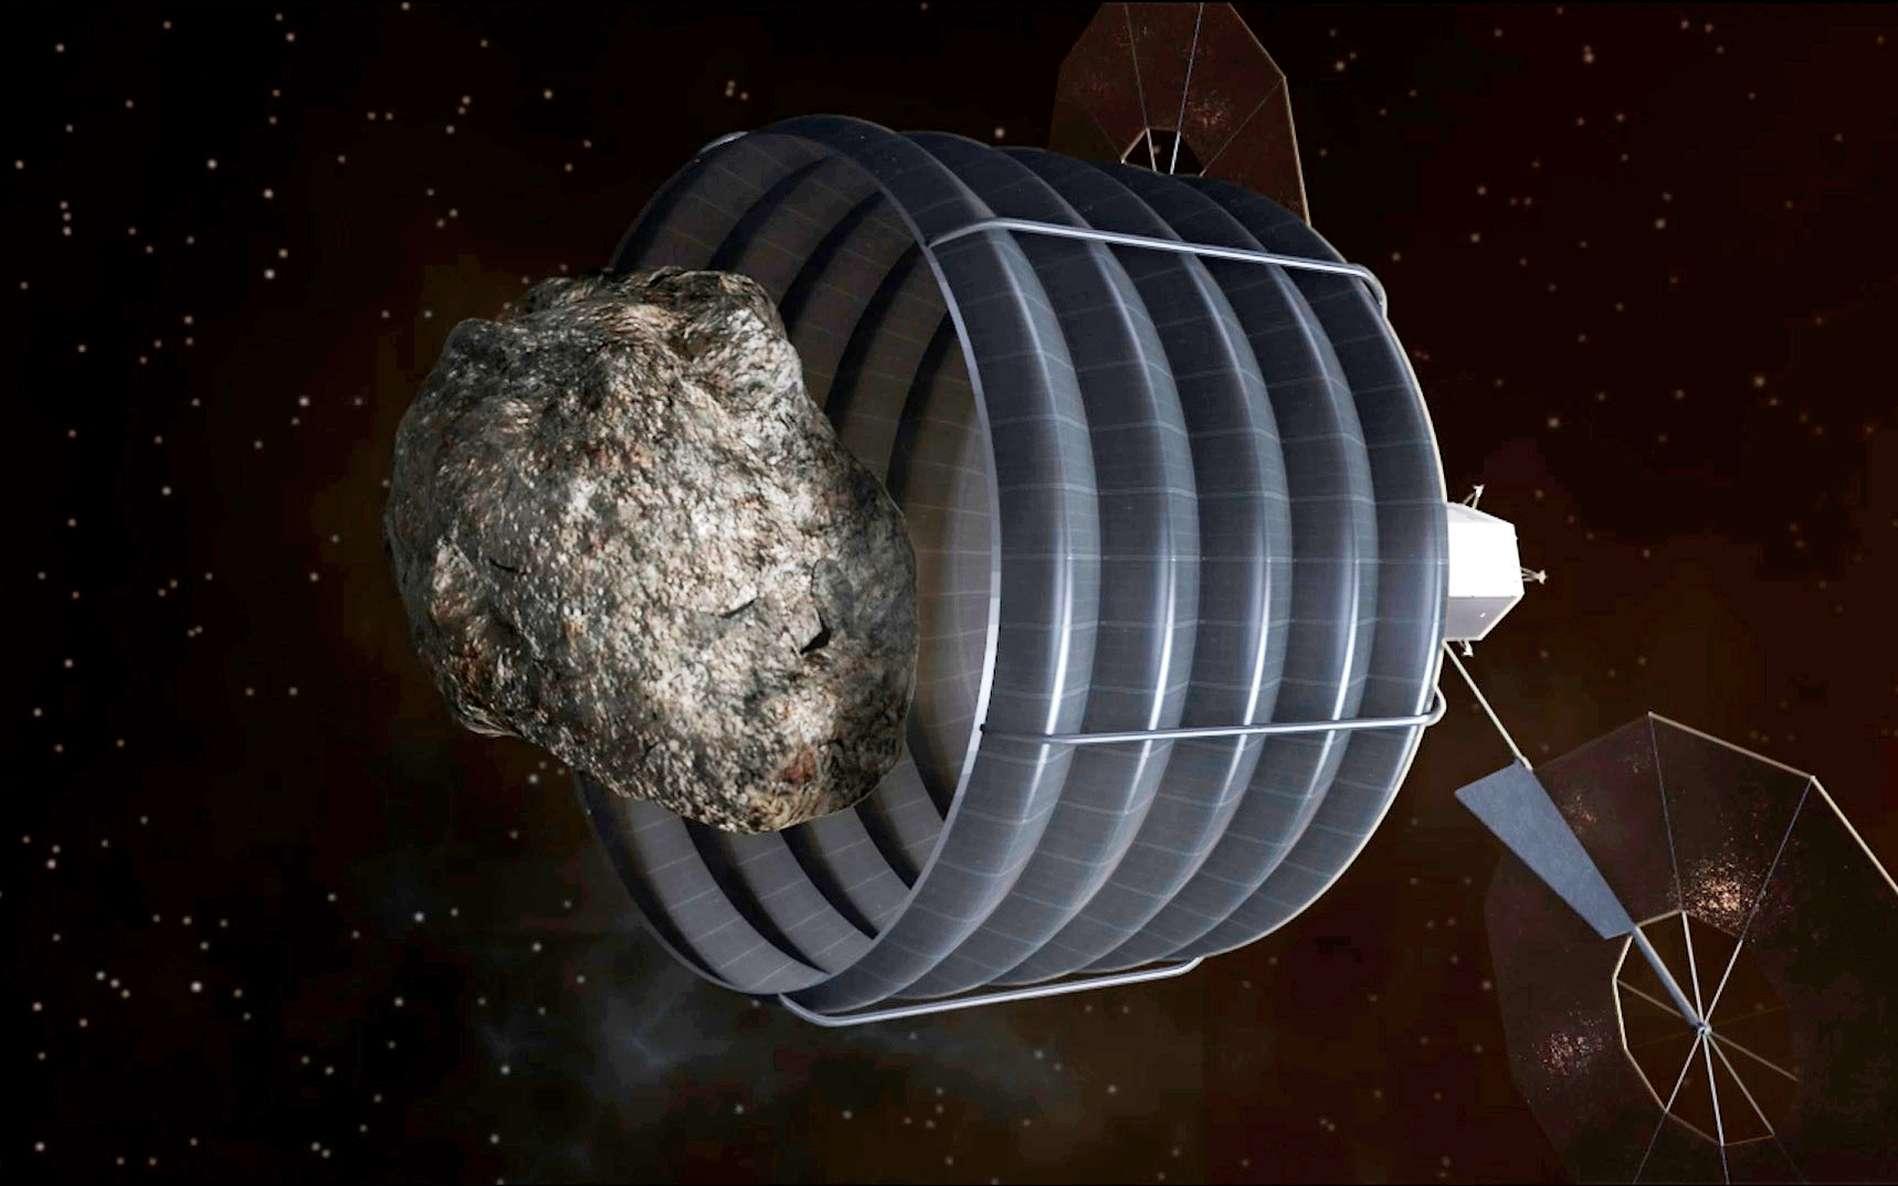 Un jour, peut-être, un engin spatial pourra dévier un astéroïde, voire le capturer comme dans ce projet de la Nasa, qui restera une vue d'artiste pour plusieurs années encore. © Nasa